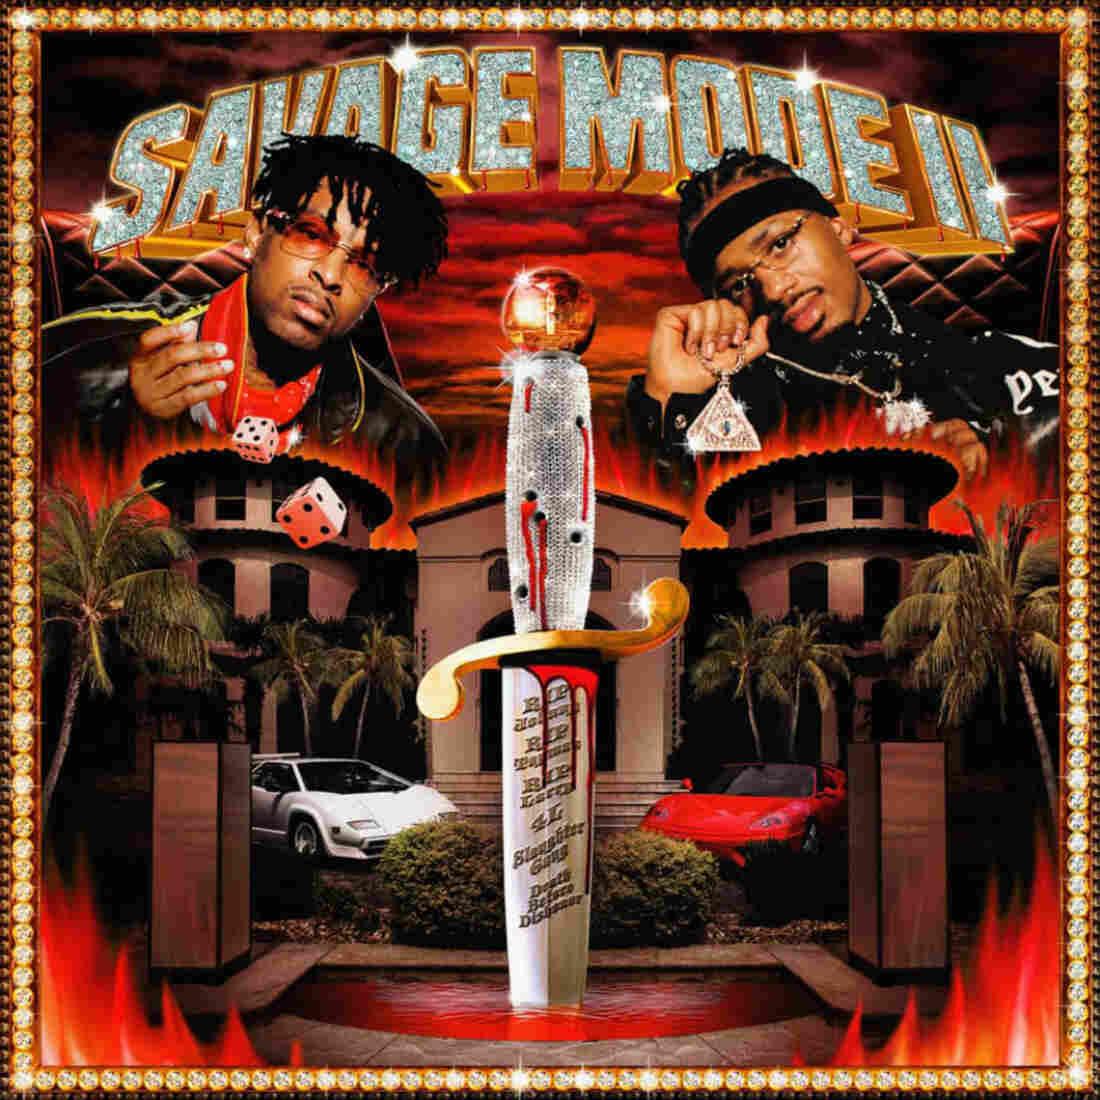 21 Savage & Metro Boomin, Savage Mode II